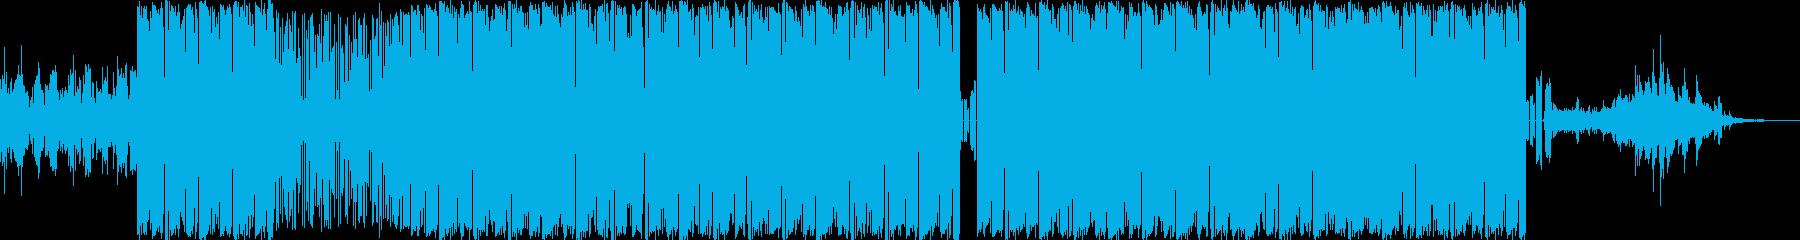 メロウなヒップホップビートのインストの再生済みの波形